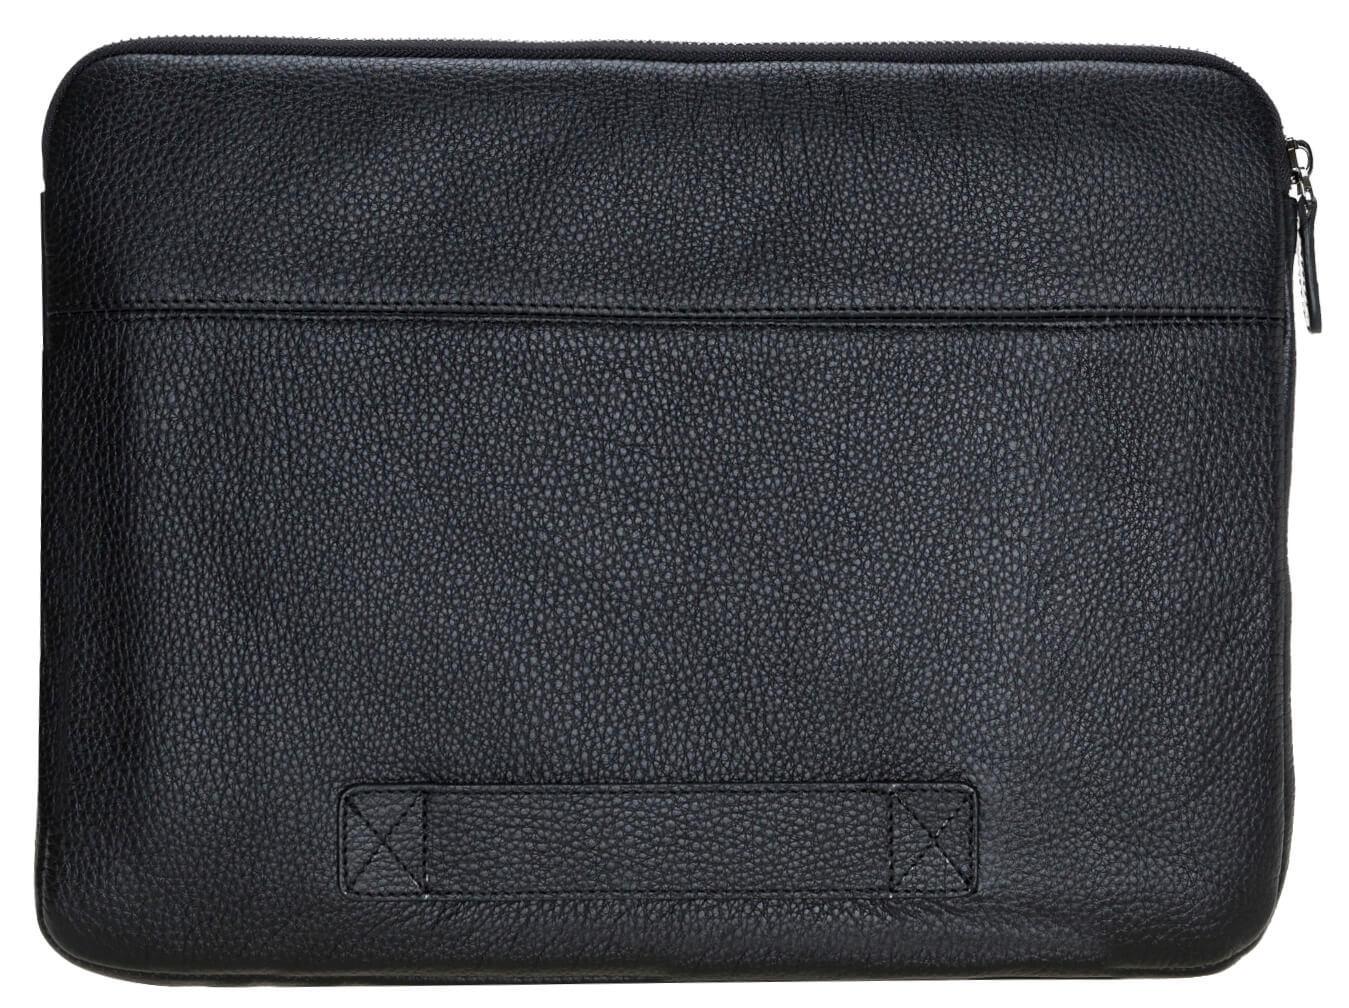 """Ledertasche für das Apple MacBook Pro 15/16 Zoll """"Awenta"""" Tasche aus echtem Leder in Schwarz"""